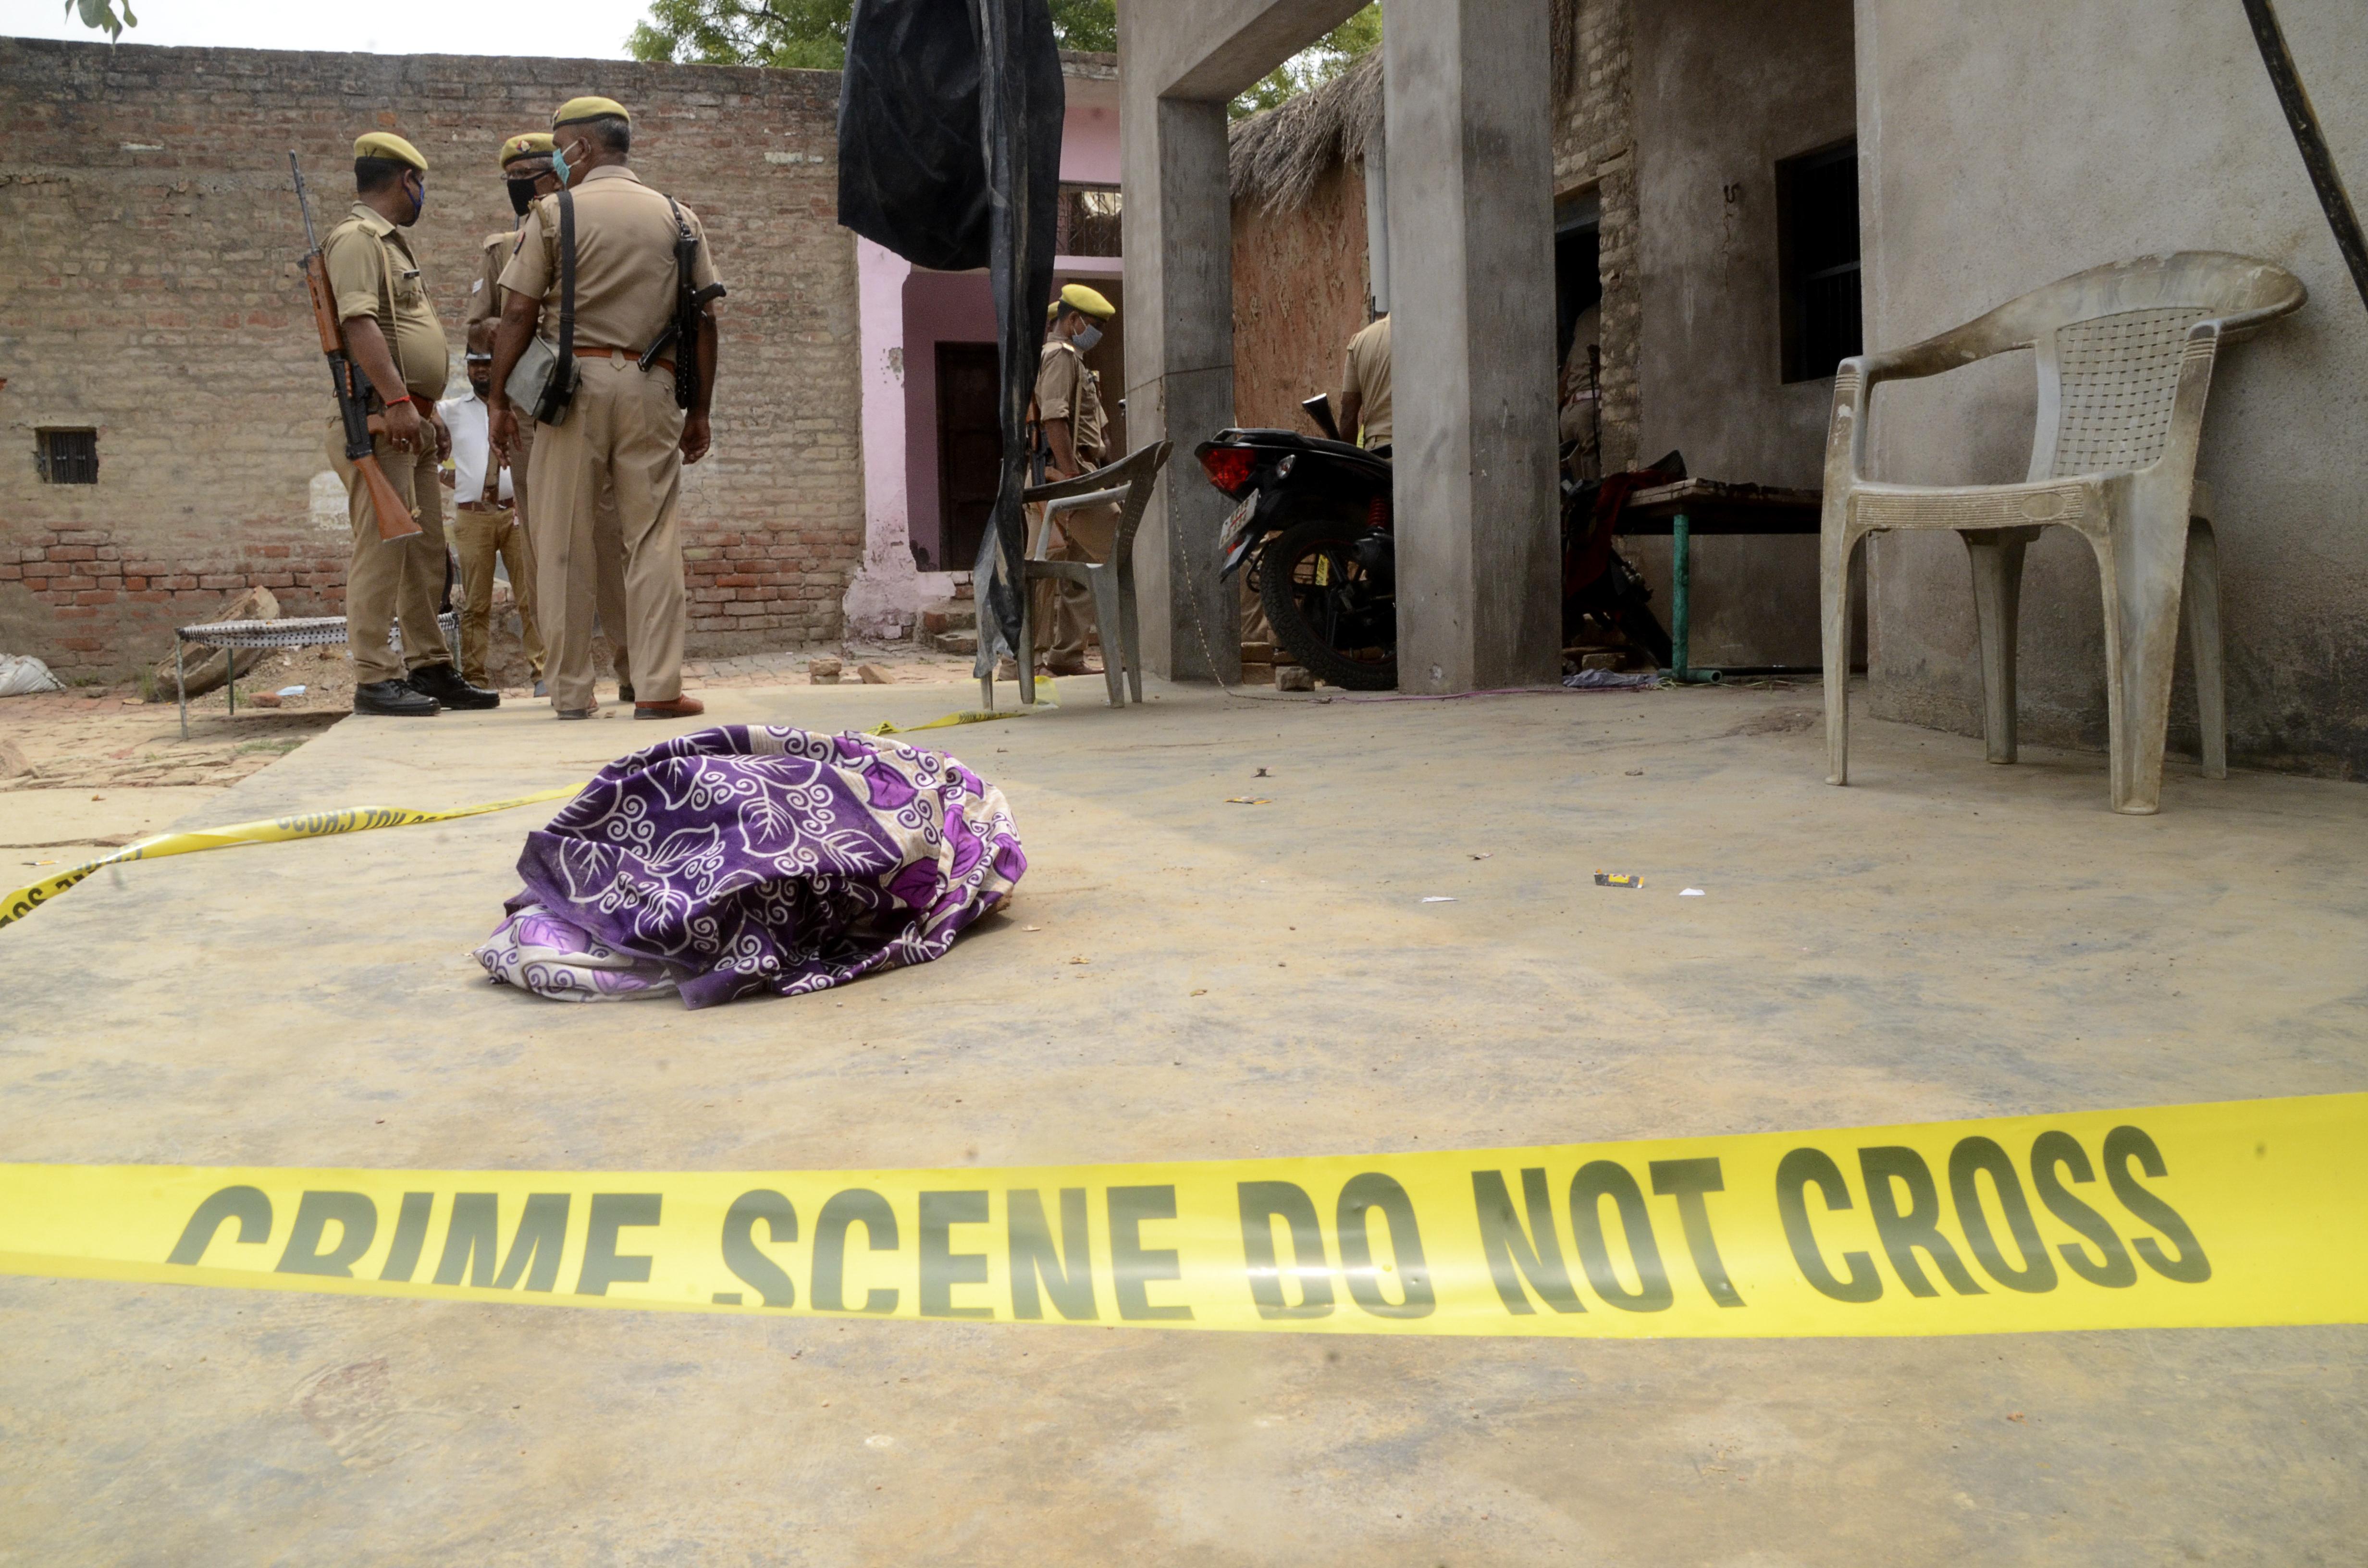 Okkult rituálé miatt öltek meg egy 7 éves kislányt Indiában